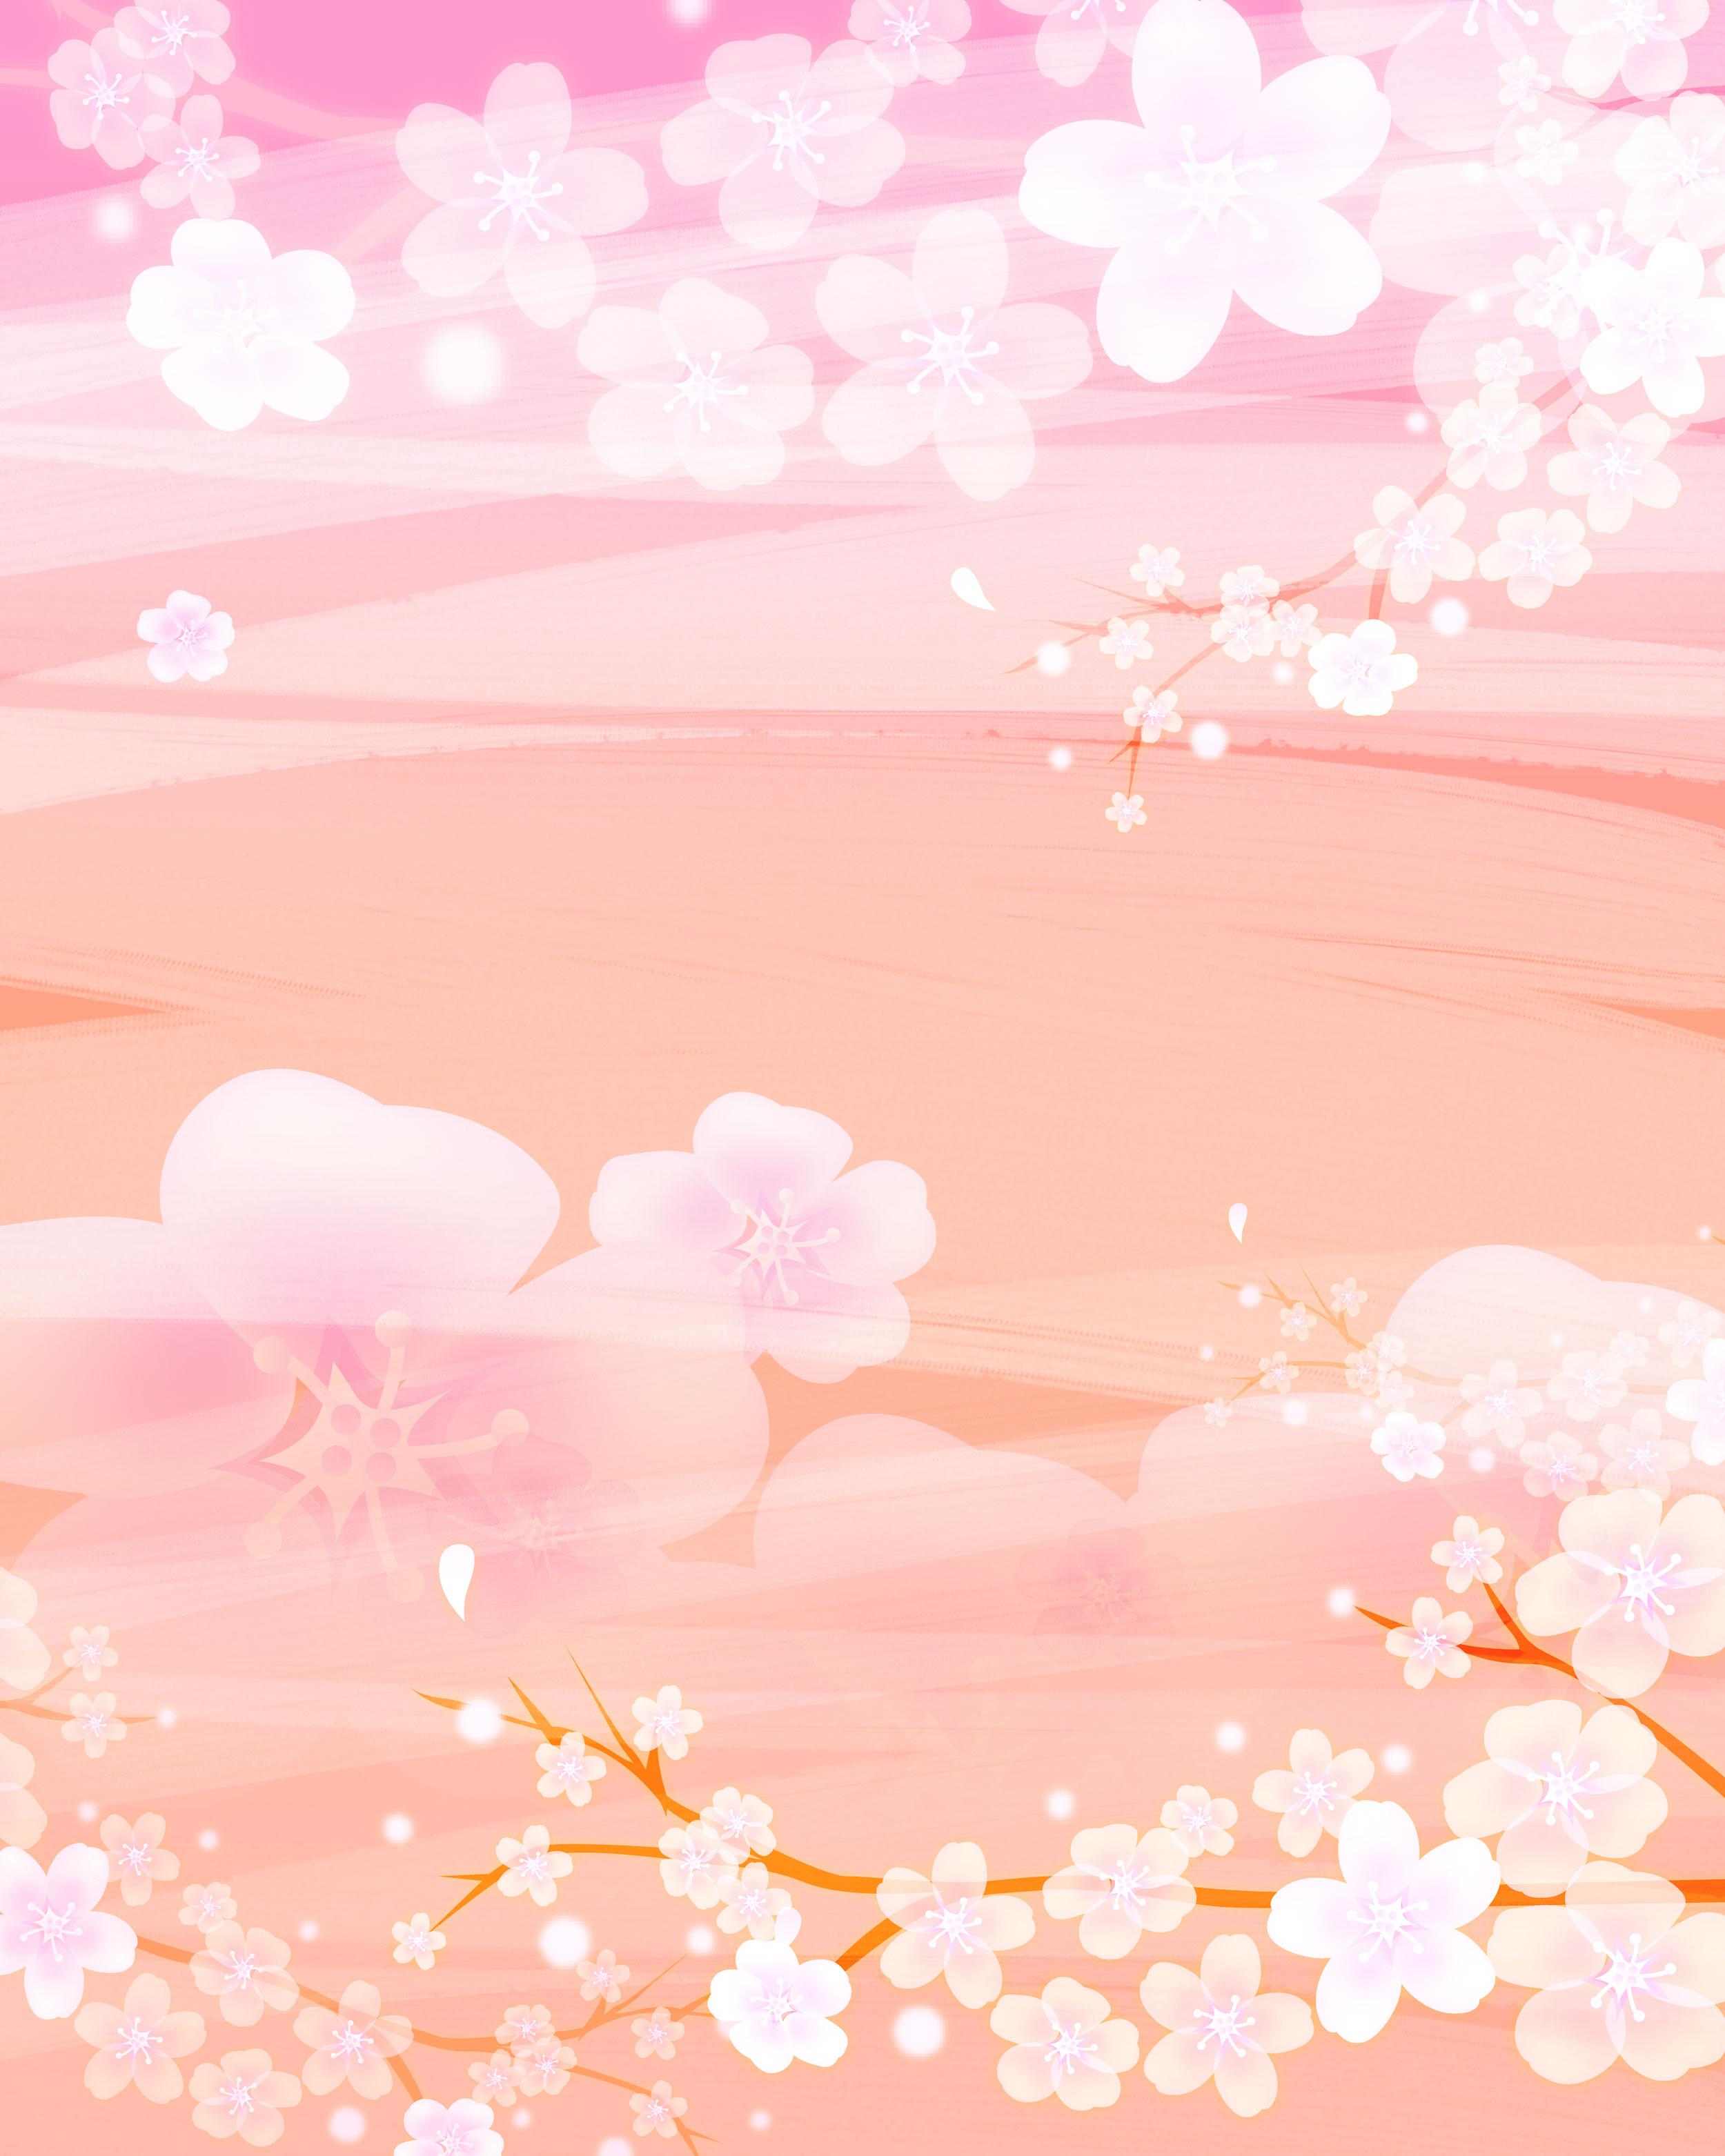 花のイラスト・フリー素材/壁紙・背景no.040『ピンク・桜・梅・枝』